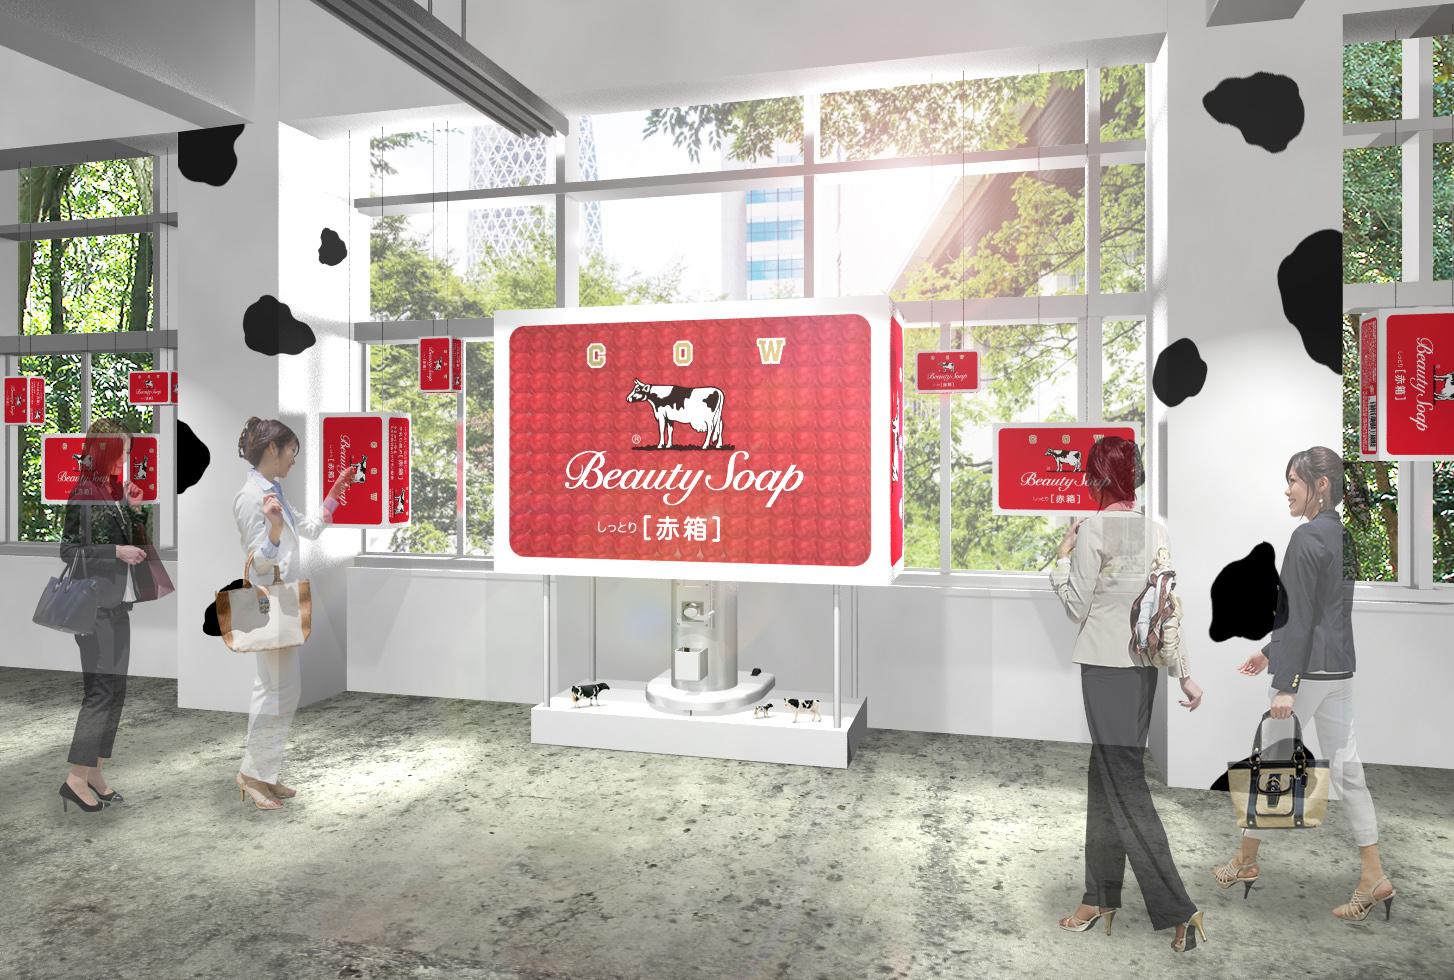 泡を楽しむイベント「赤箱 AWA-YA」が福岡・天神に上陸!